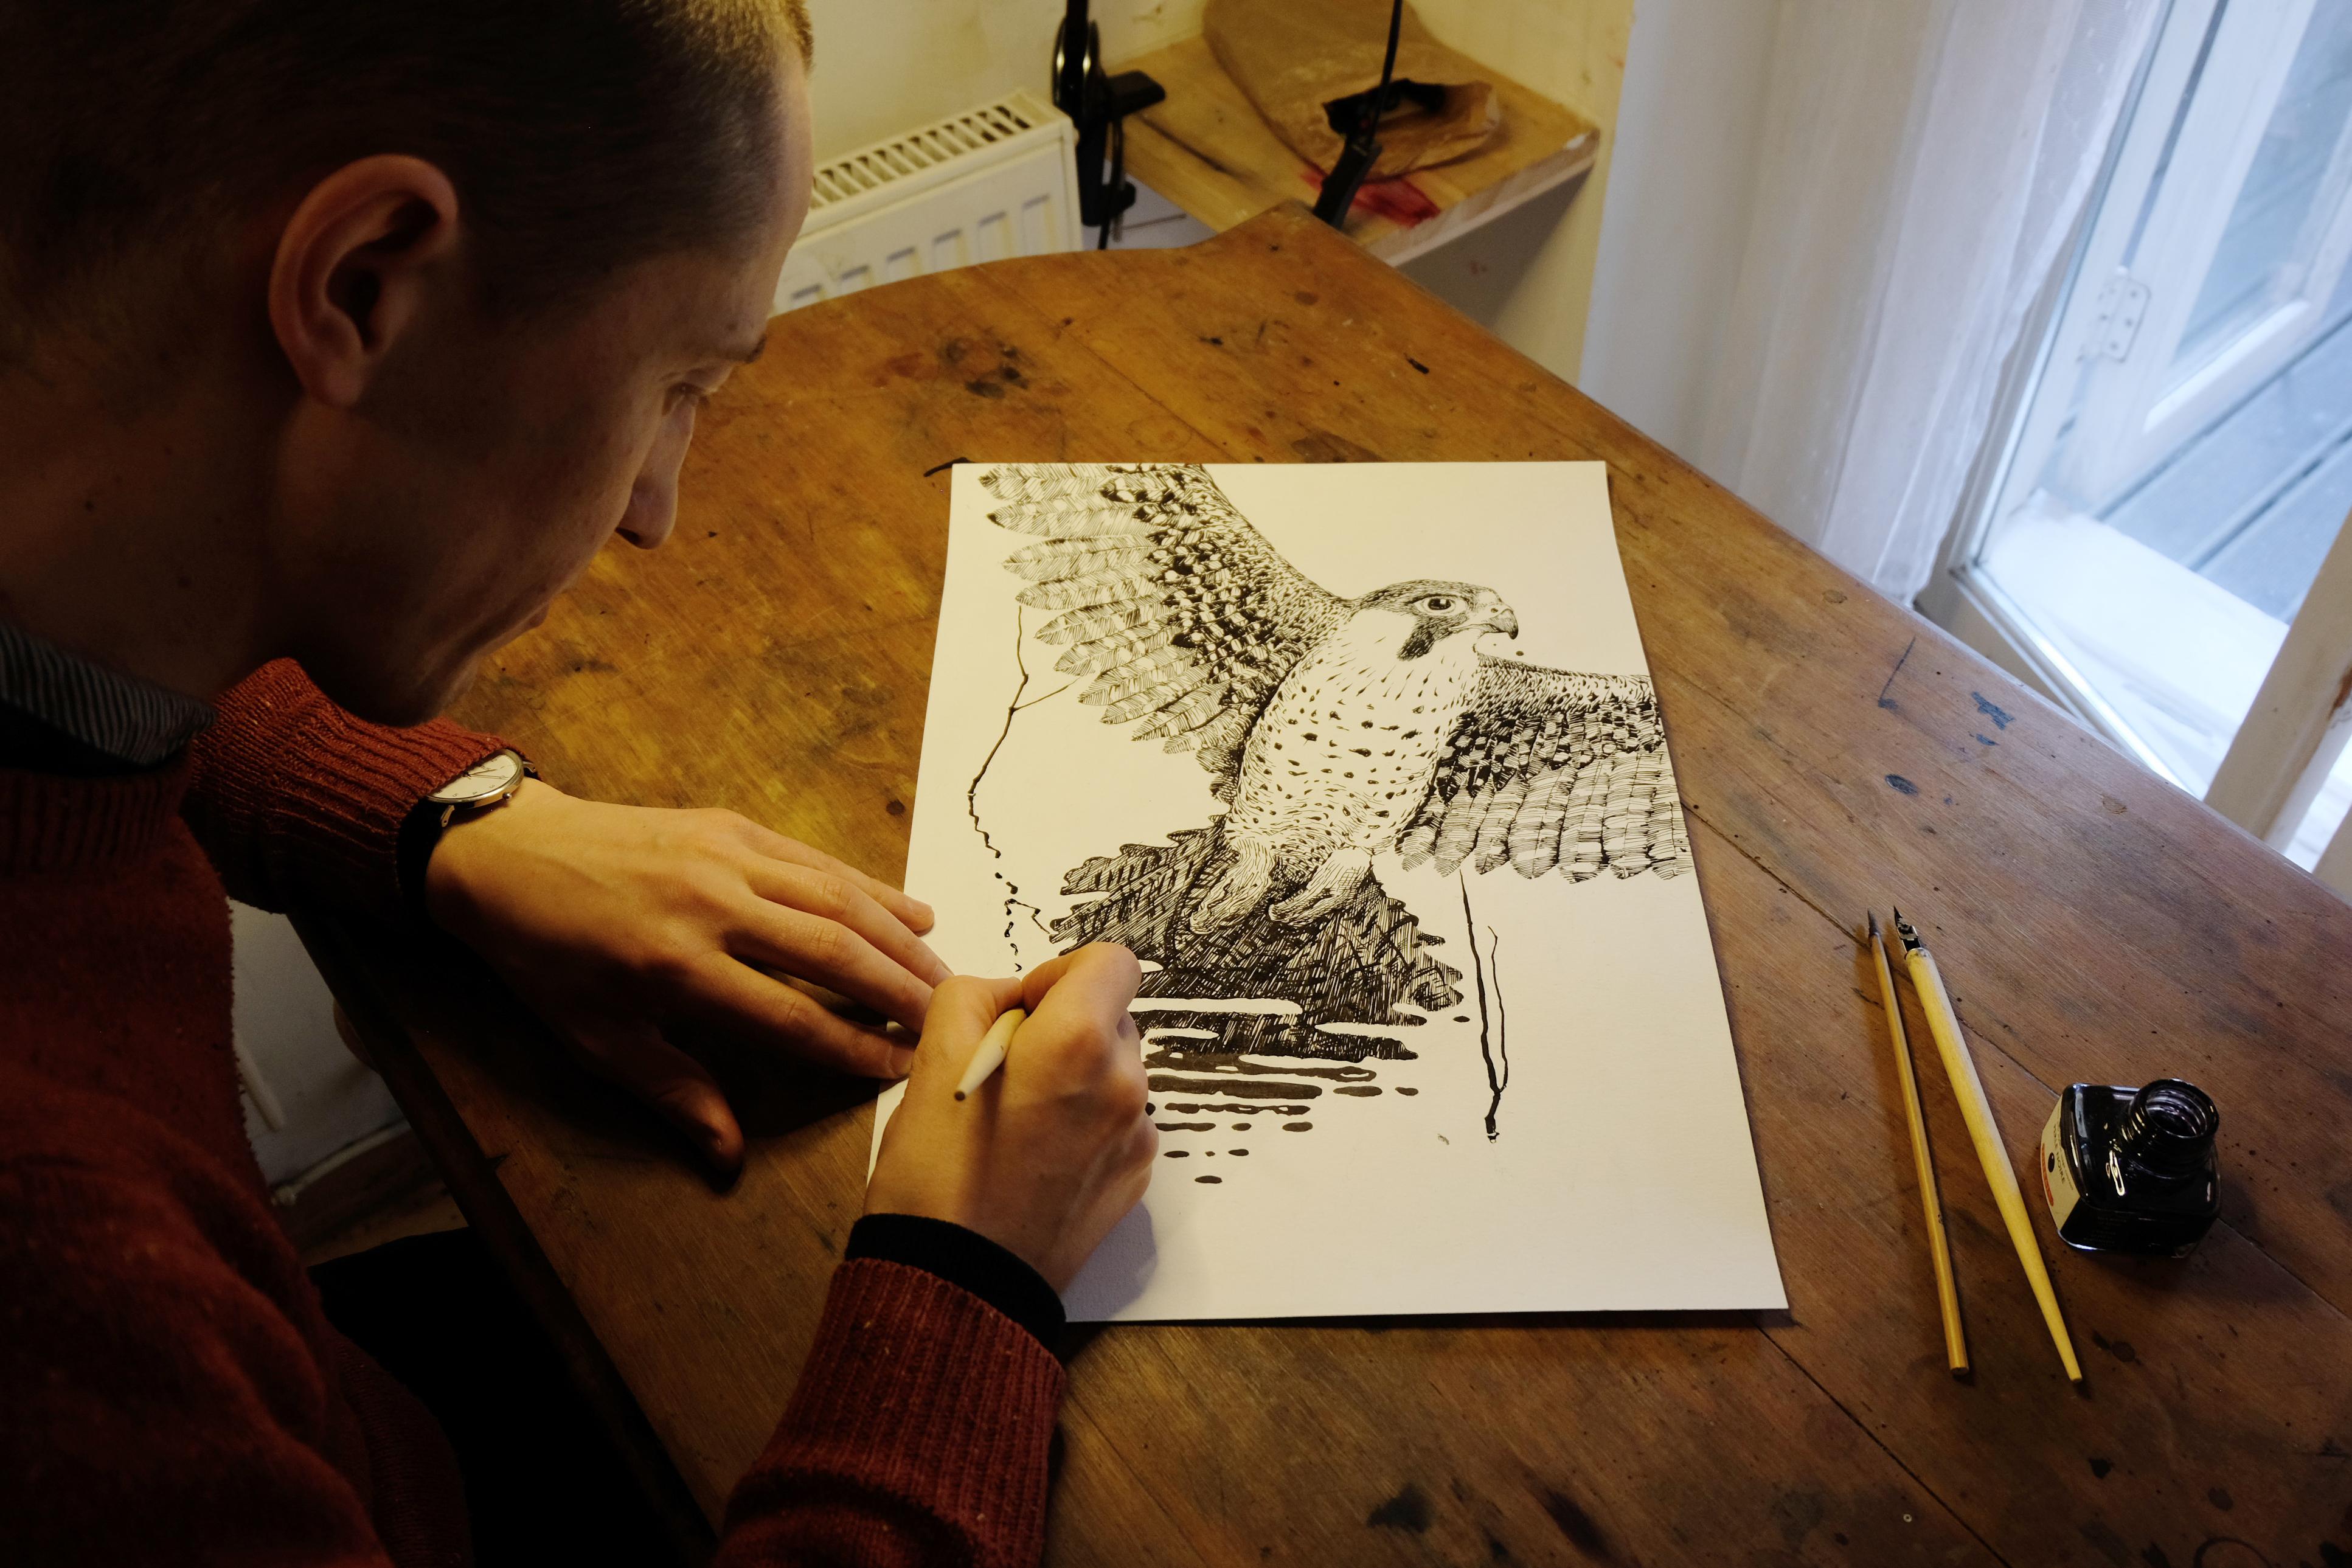 Nestor Ljutjuk working on Poetics Illustration